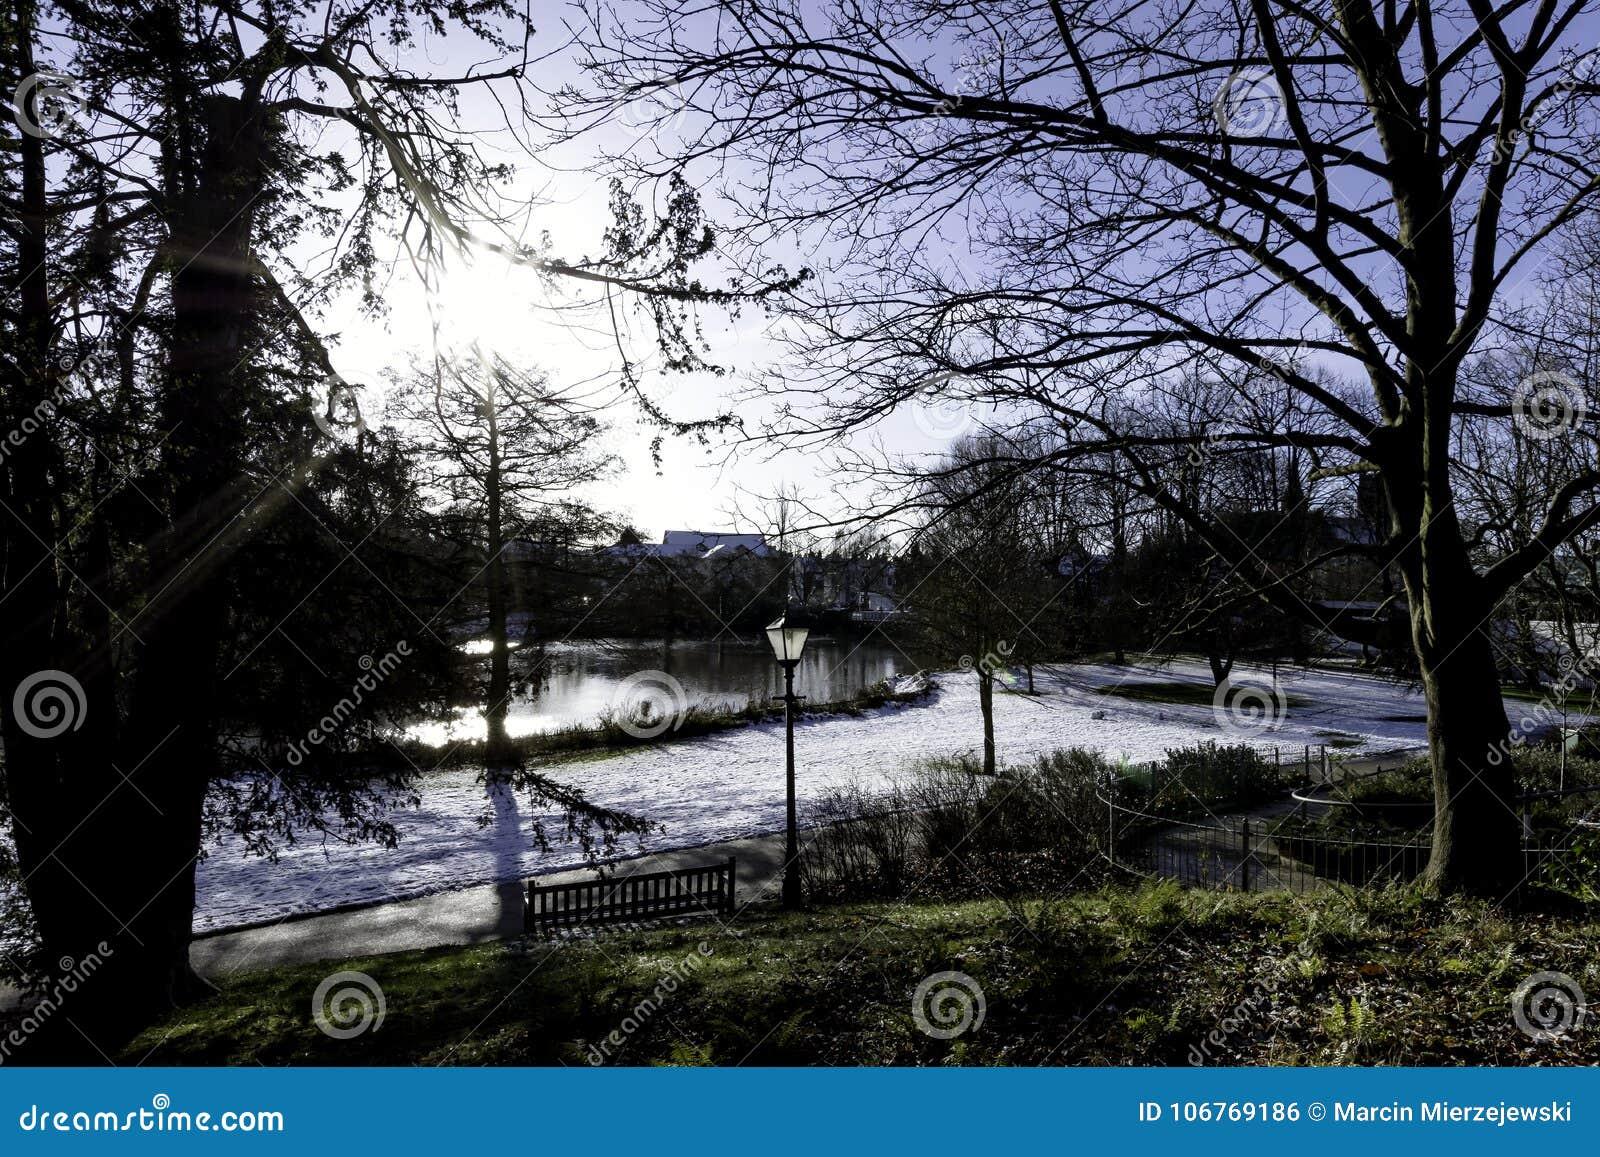 Hiver dans la station thermale royale de Leamington - salle de pompe/jardins de Jephson